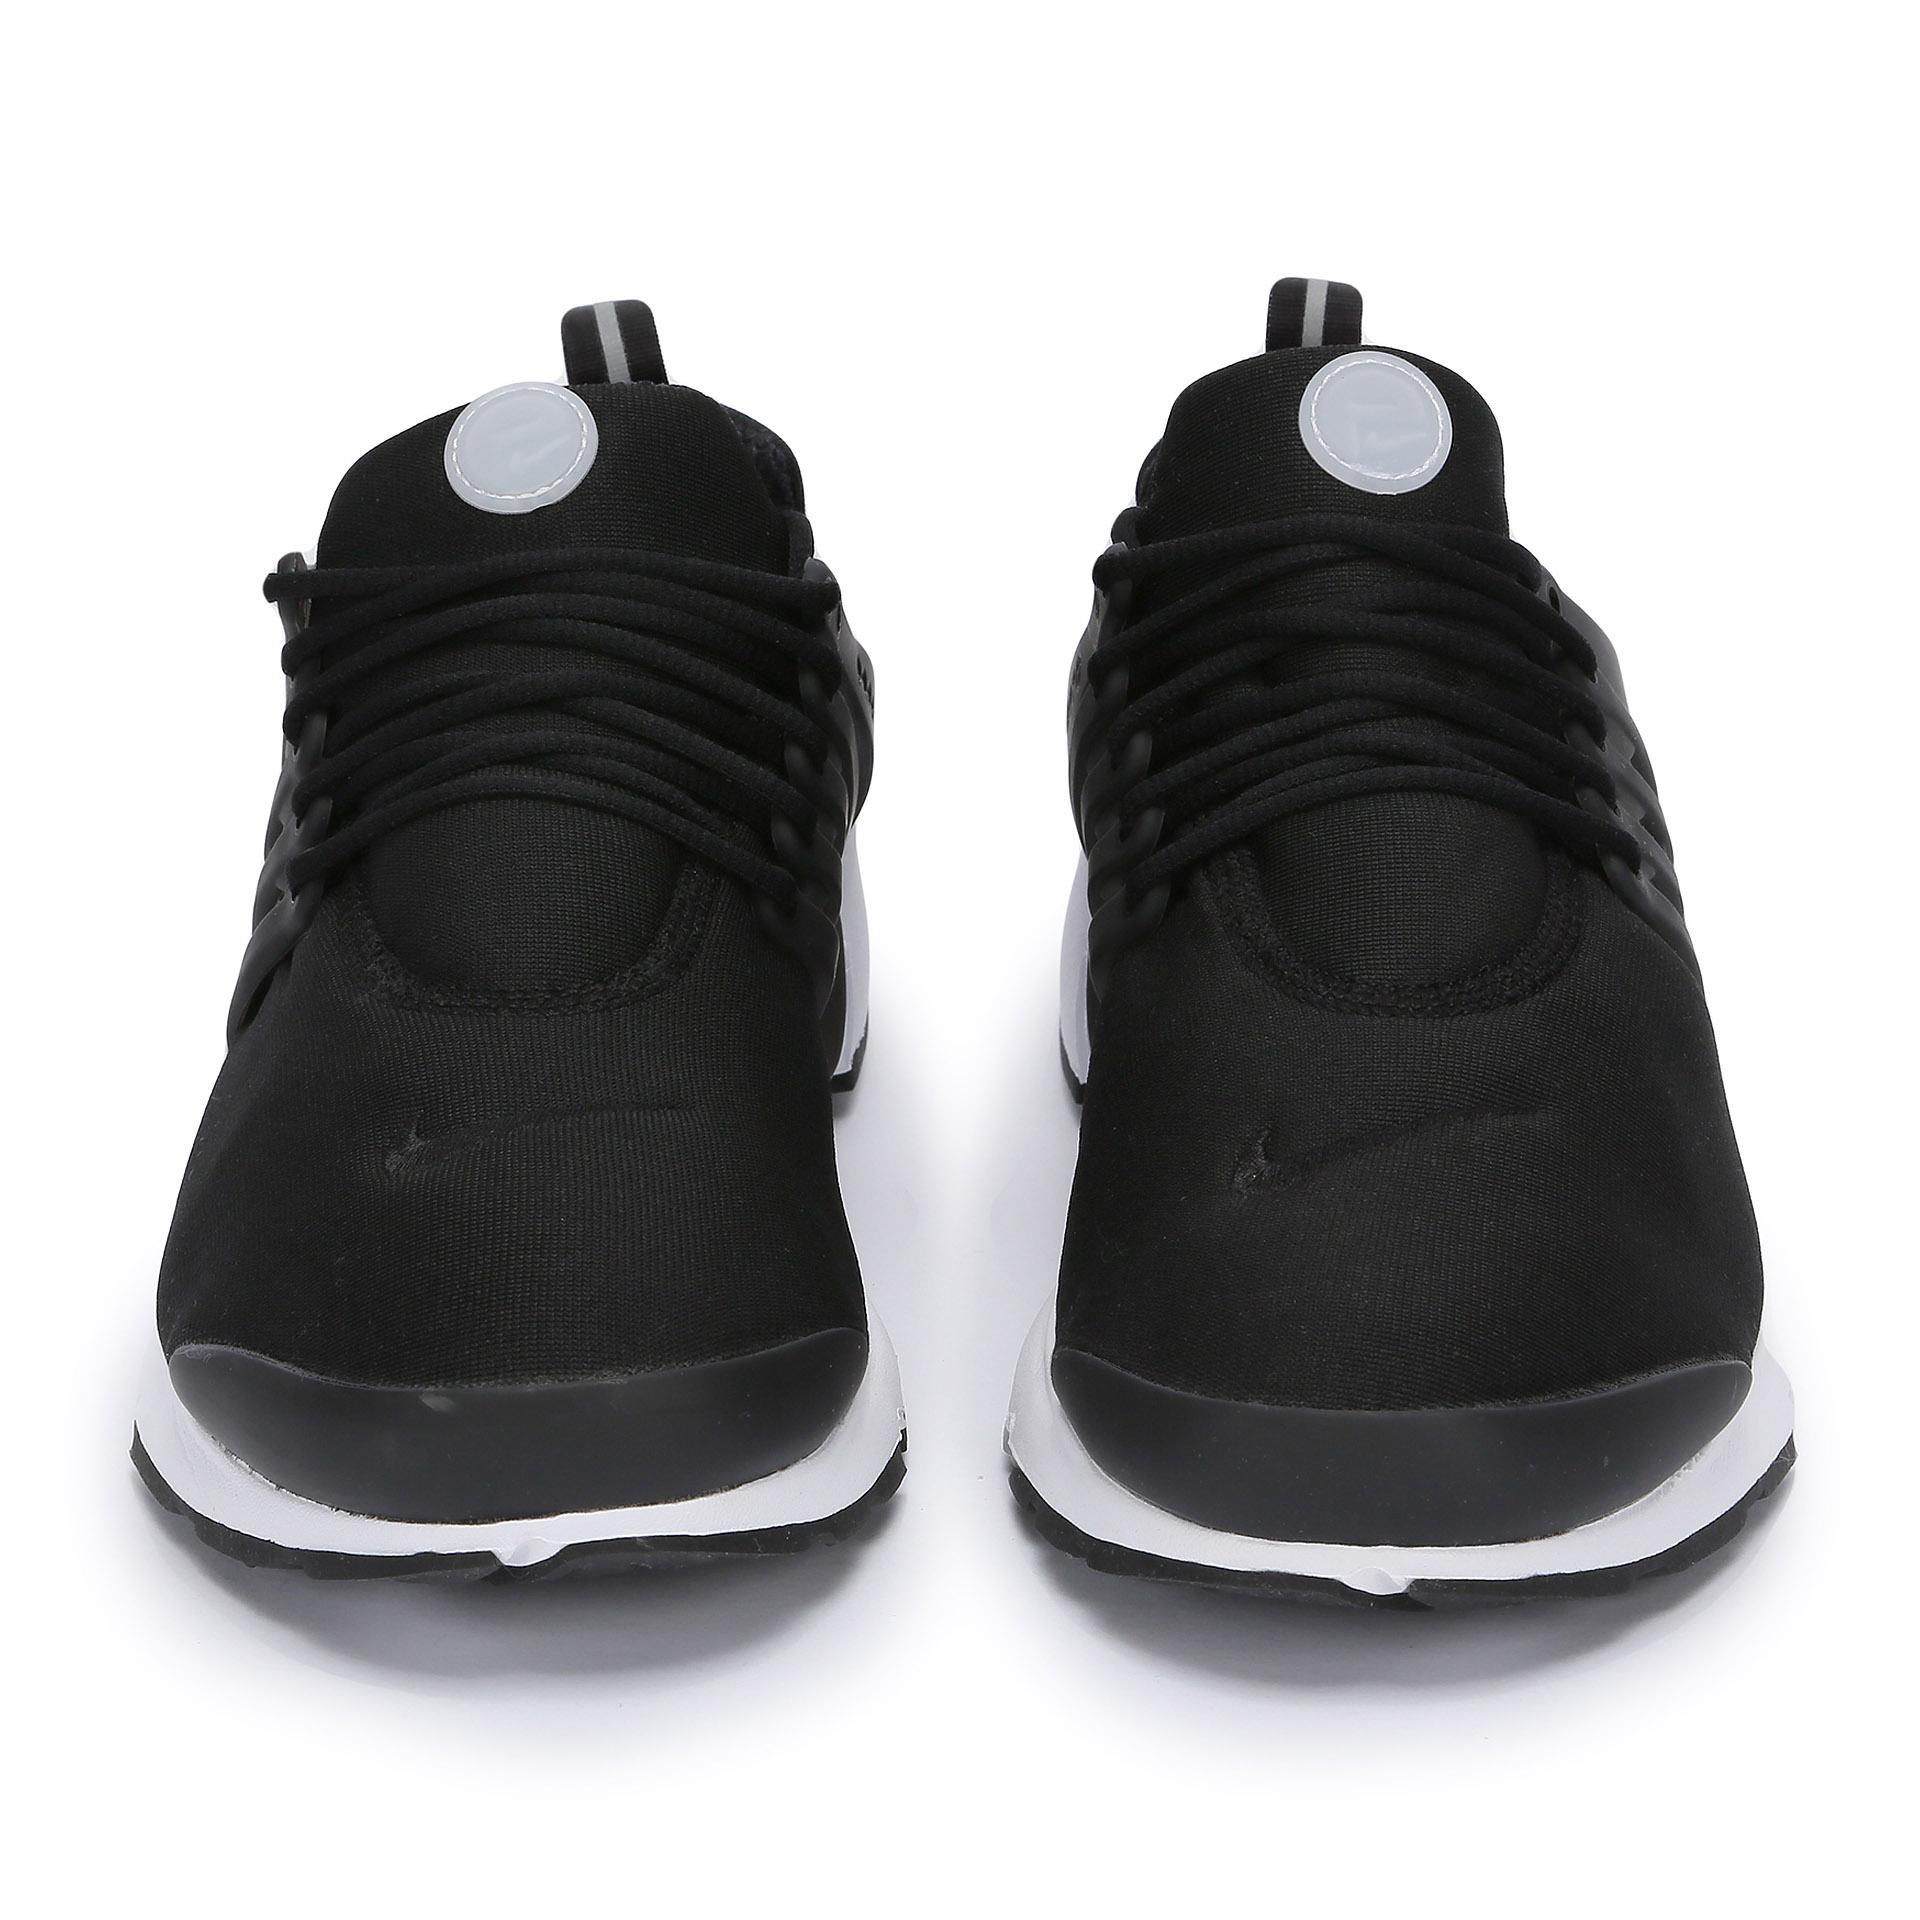 e825aff1 Кроссовки Presto от Nike (848187-009) - продажа, цена, фото, описание